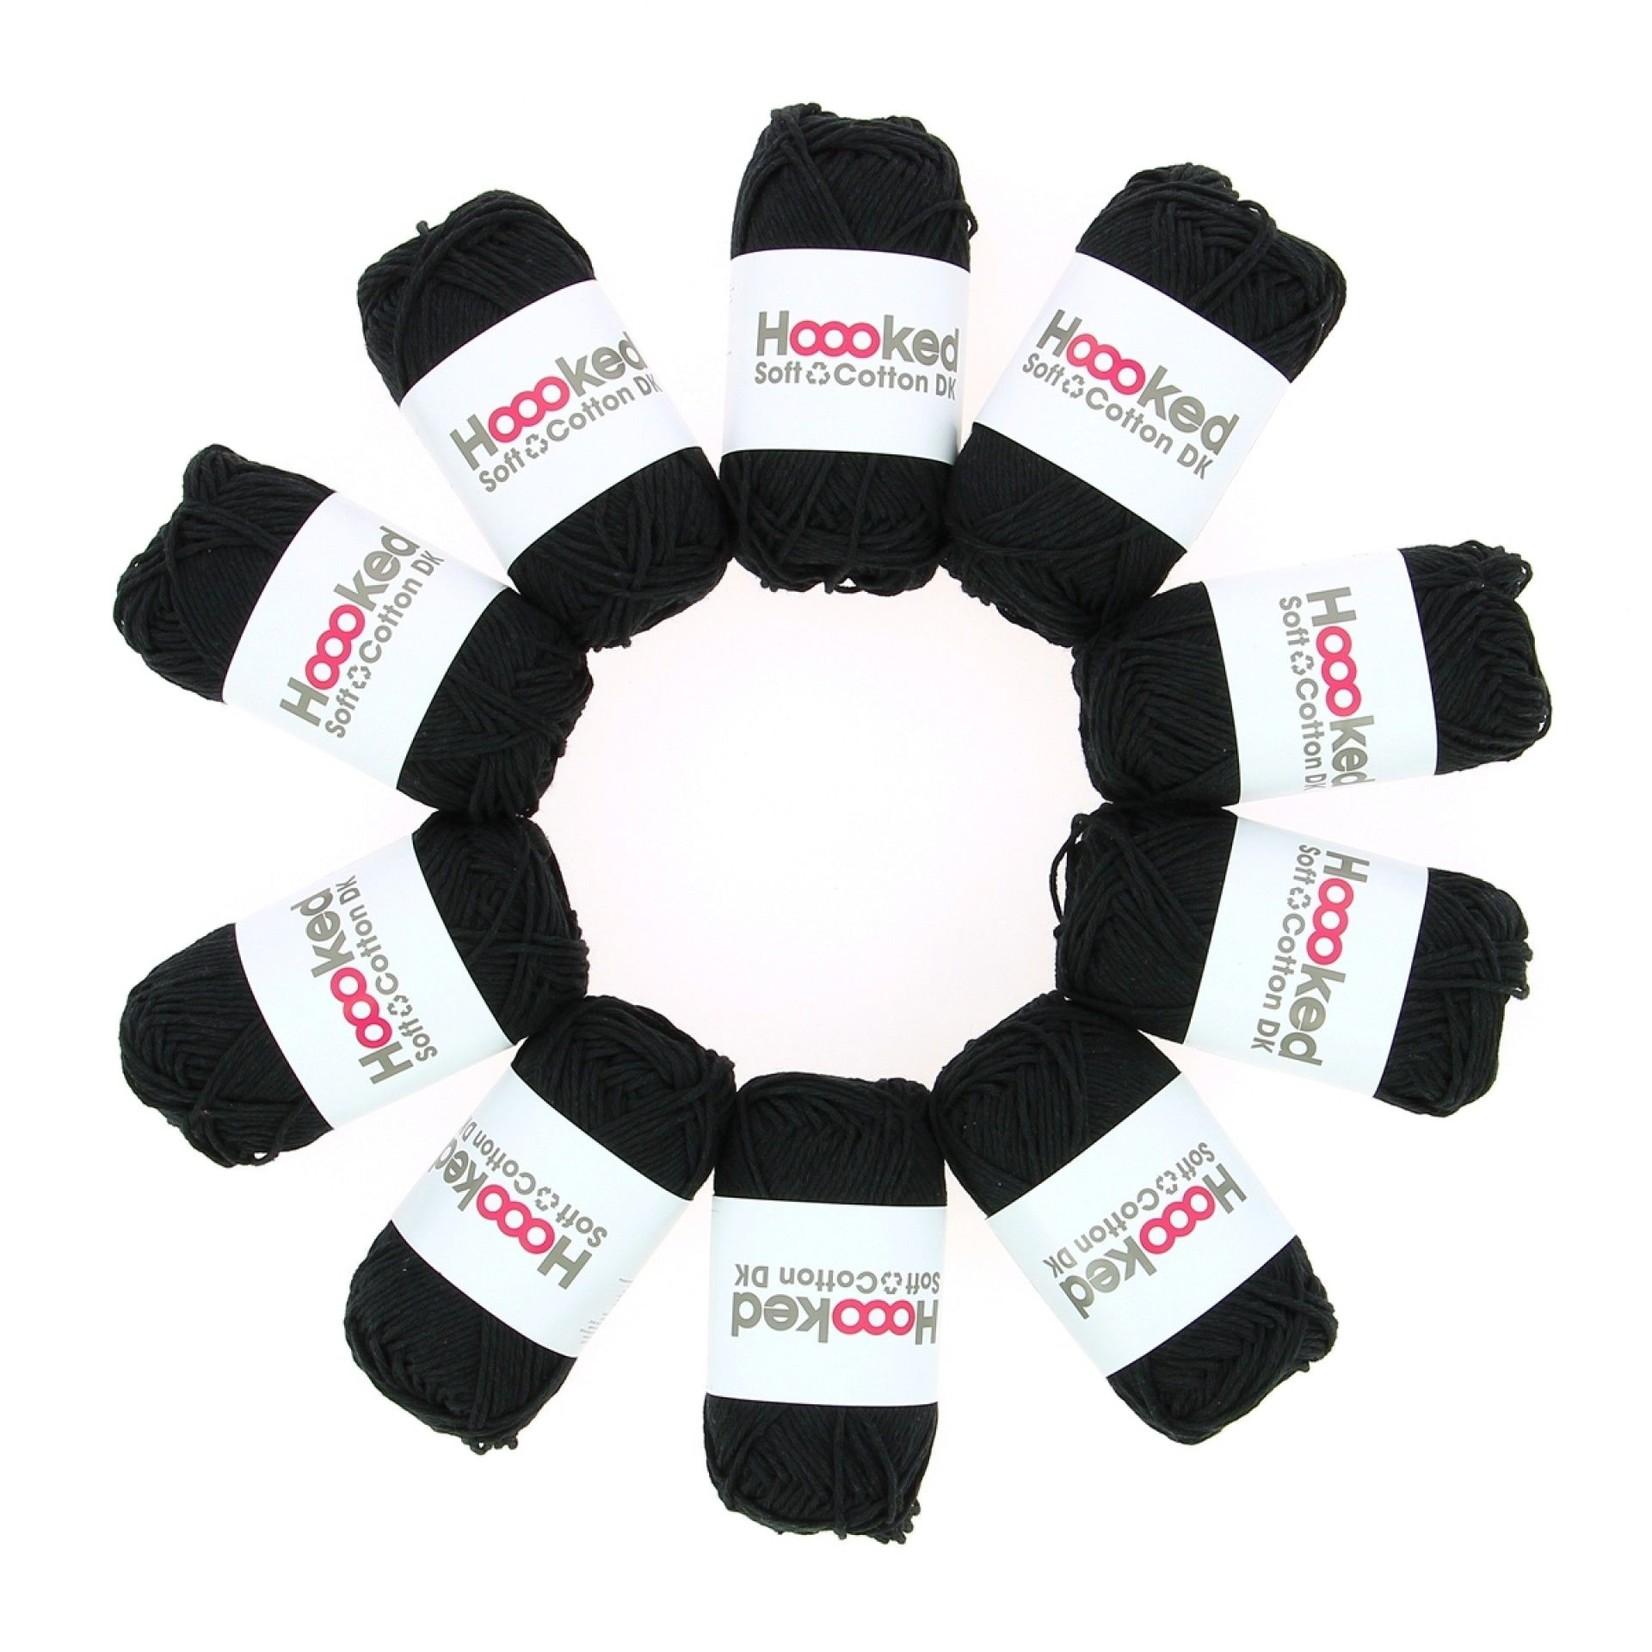 Hoooked Hoooked Soft Cotton DK Boston Black bundel 5 x 50 gr. / 85 m.